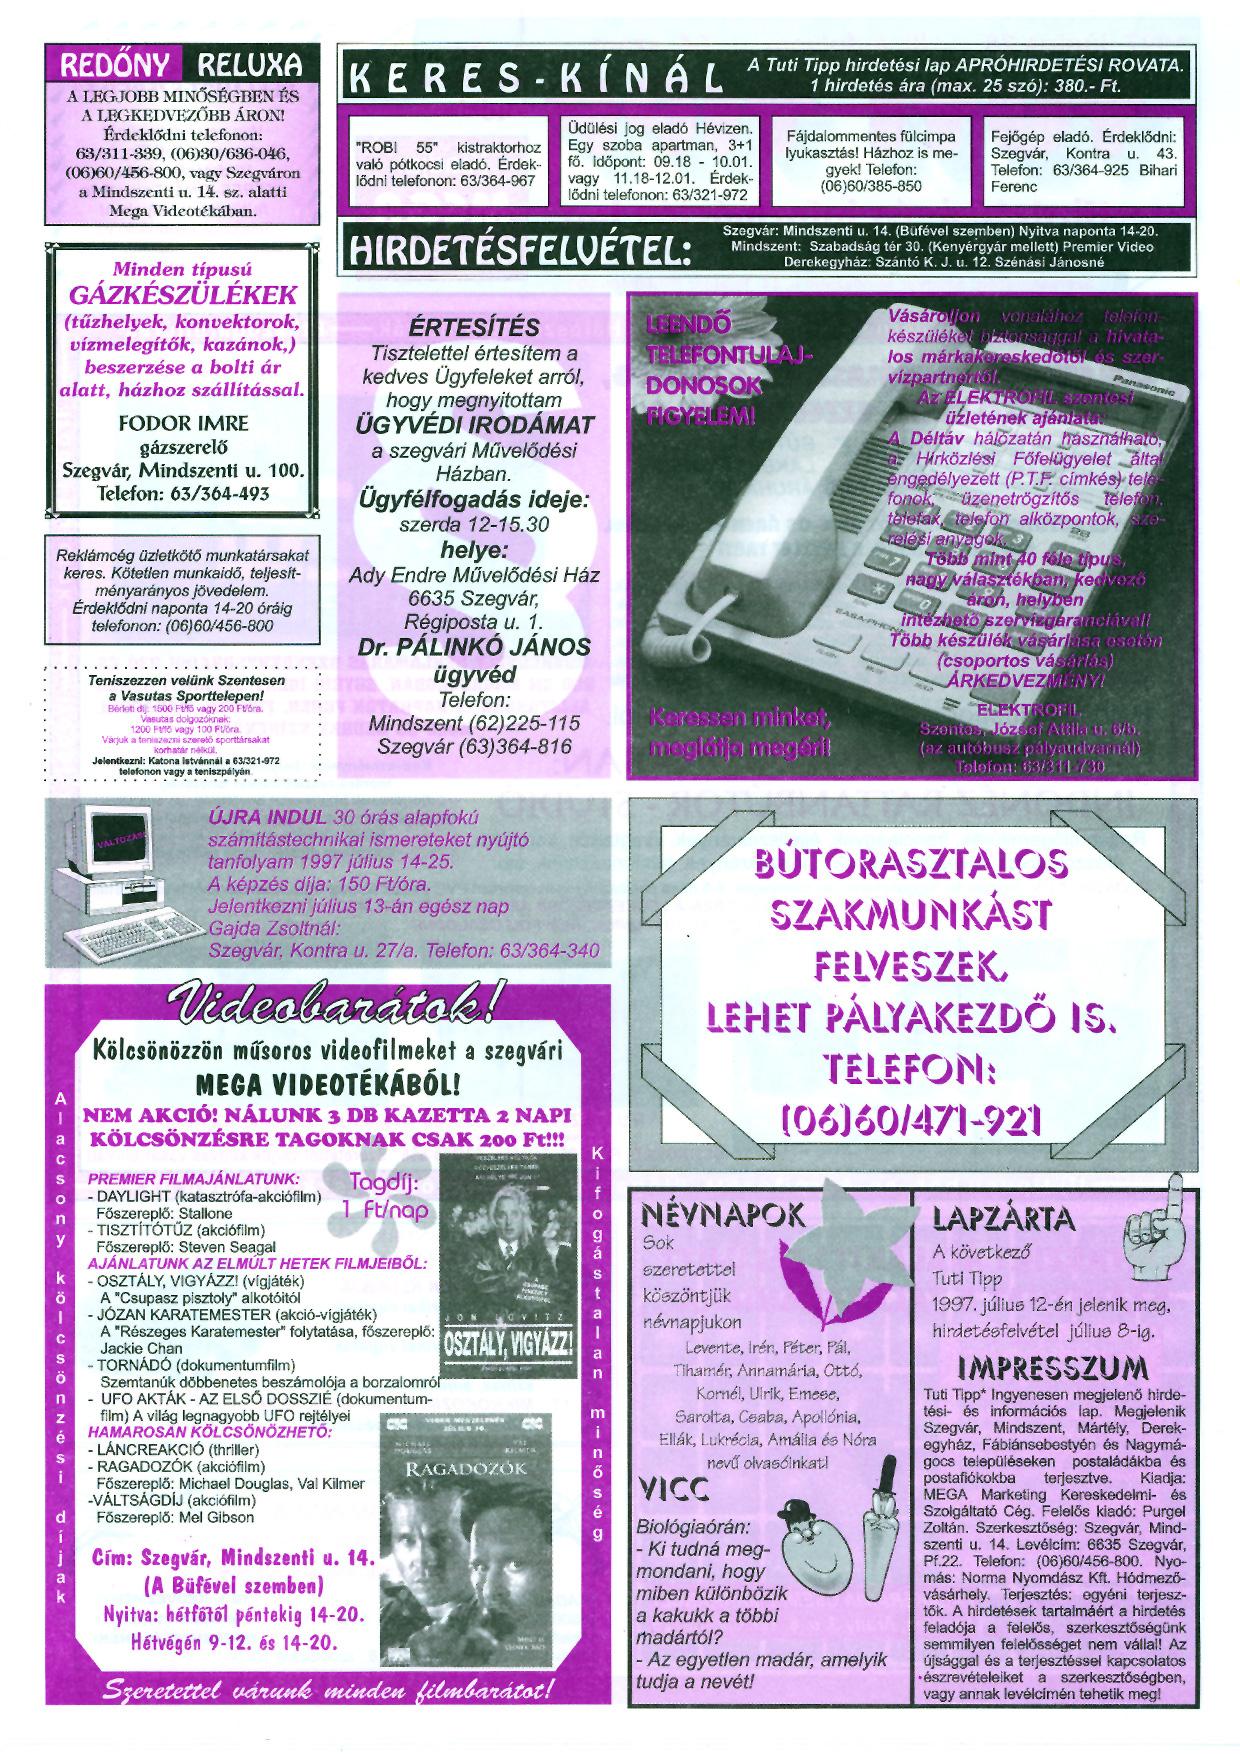 022 Tuti Tipp reklámújság - 19970628-064. lapszám - 2.oldal - III. évfolyam.jpg